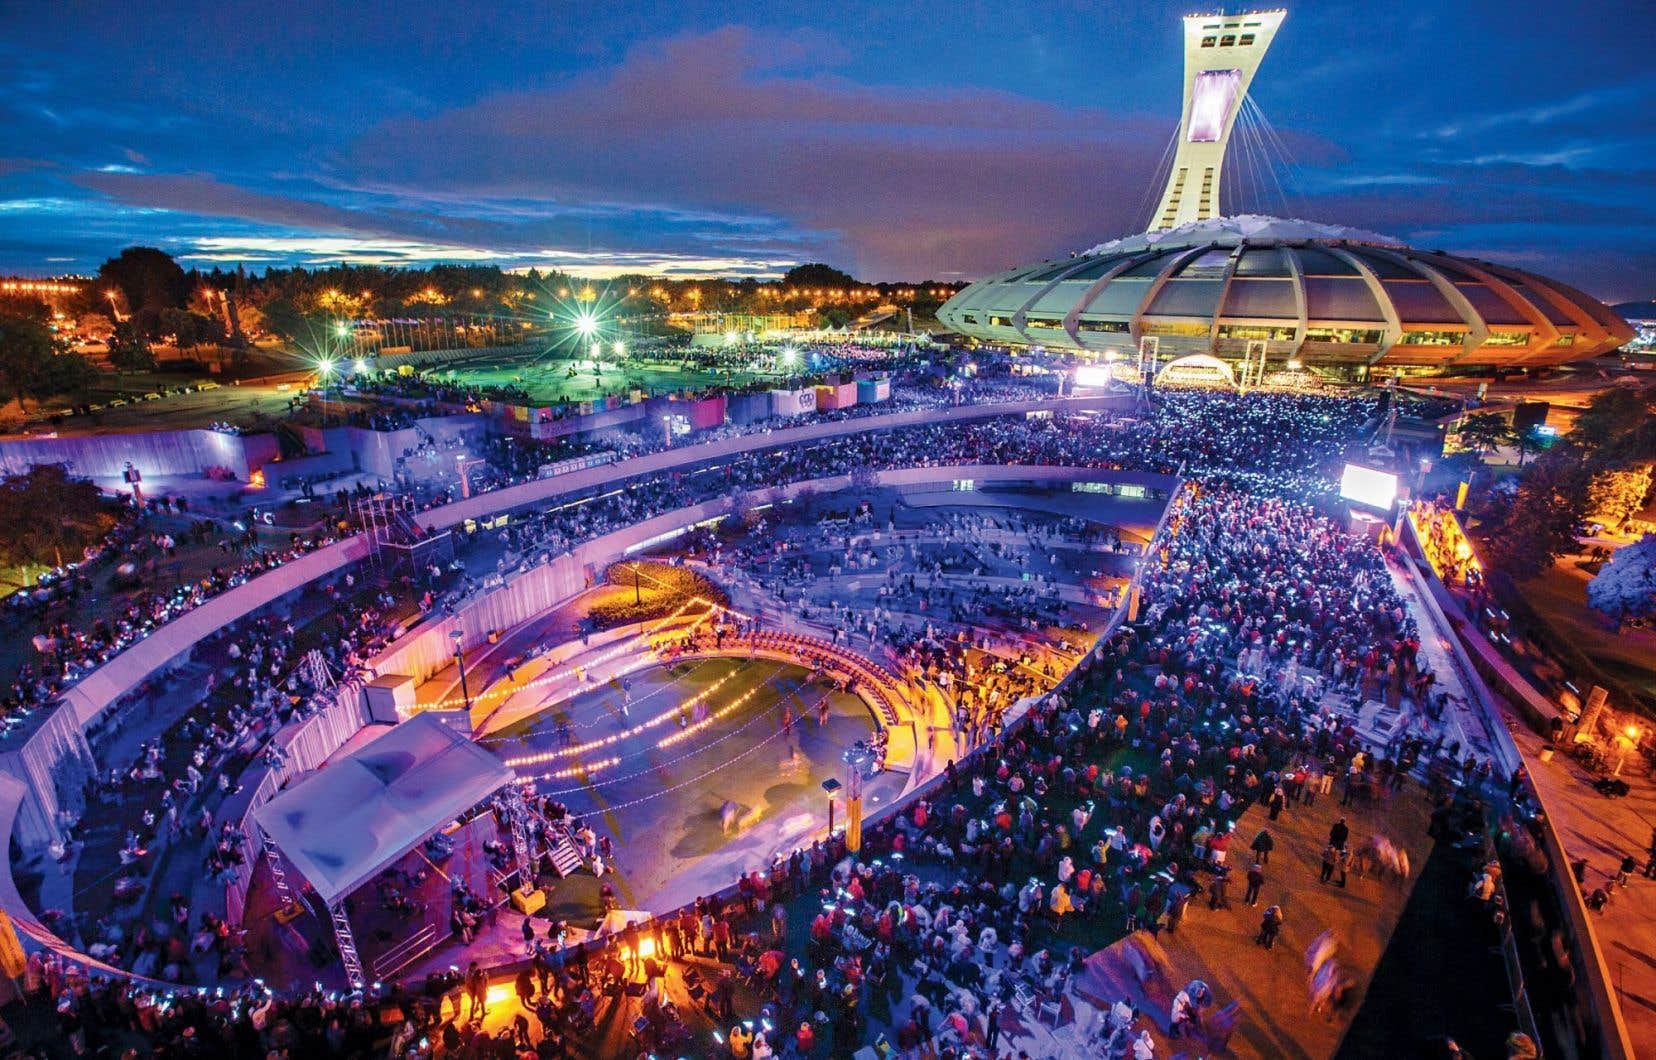 Kent Nagano et l'Orchestre symphonique de Montréal ont attiré 42 000 personnes lors d'un concert extérieur présenté sur l'esplanade du Parc olympique, en 2014. Aussi populaires soient-ils, ces événements ponctuels ne feraient pas grossir les rangs des adeptes des arts classiques.